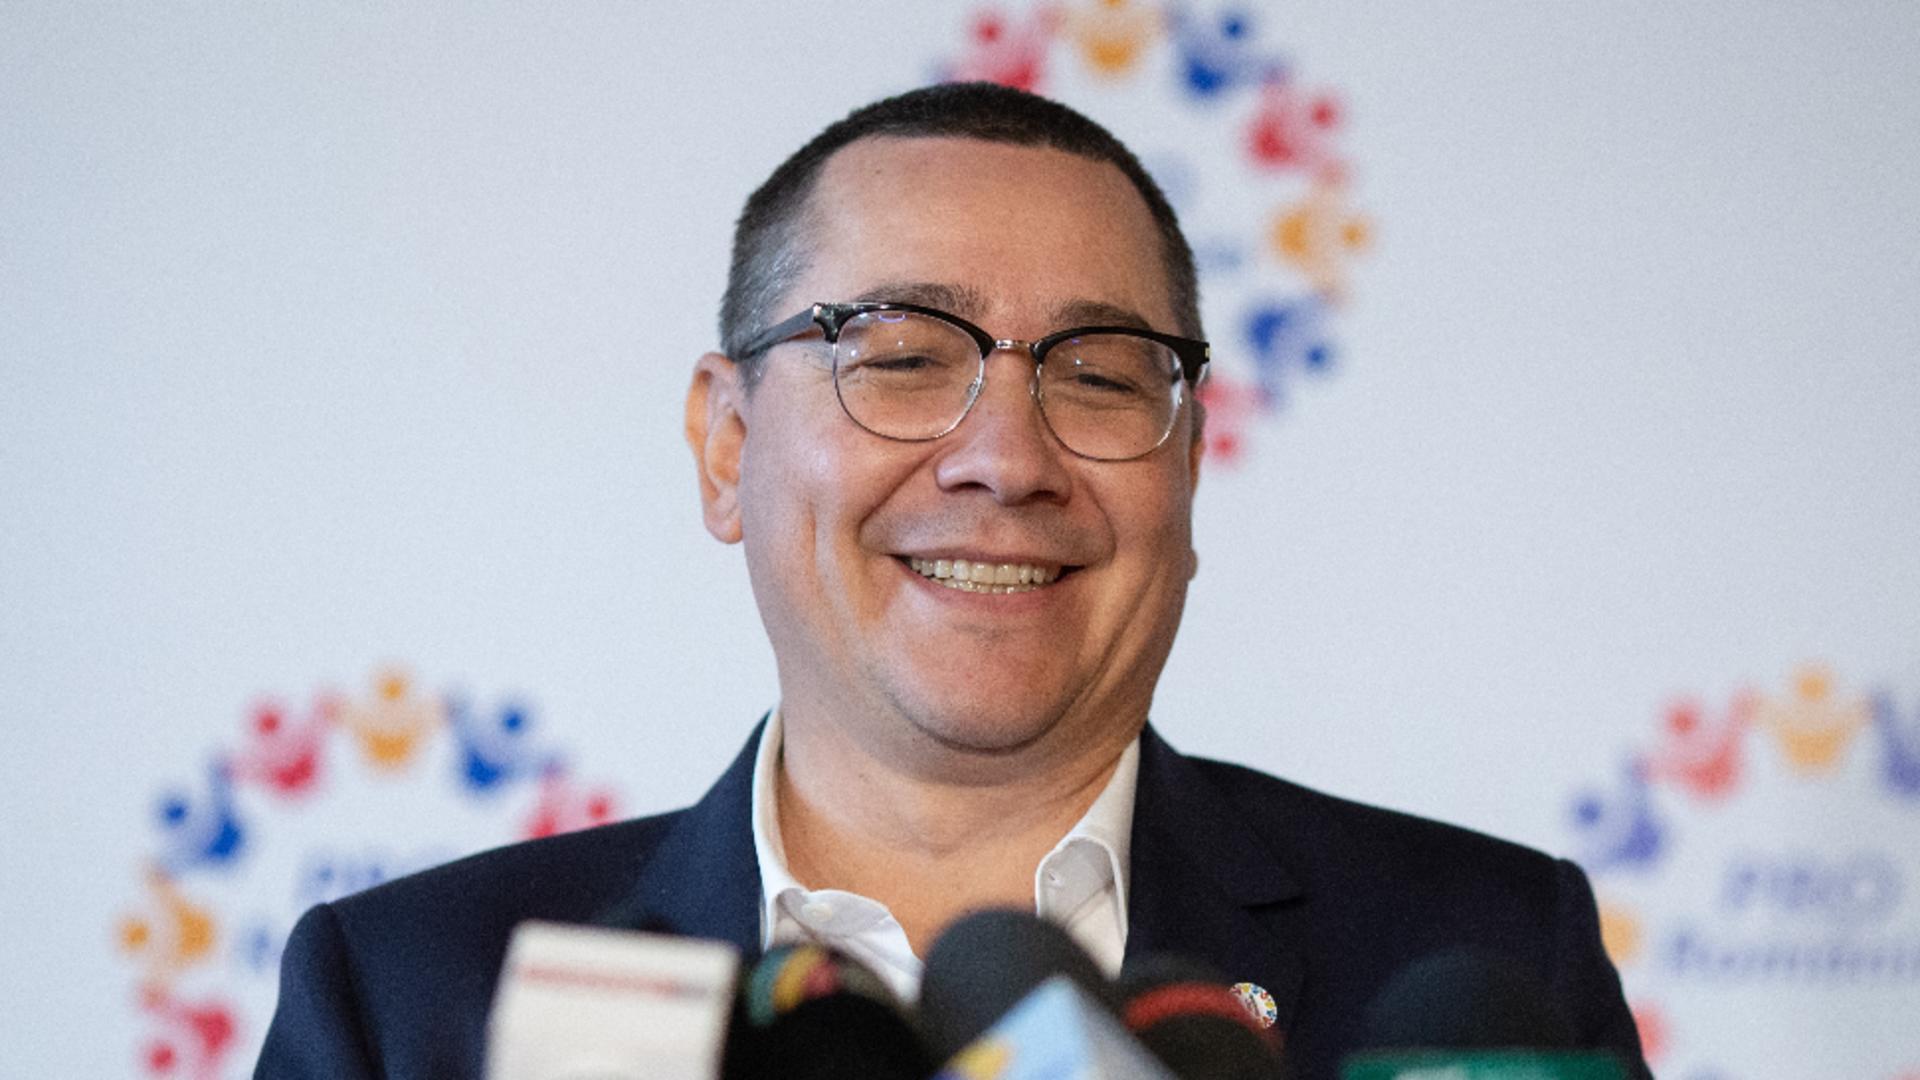 Dîncu: Să vedem ce formă va găsi Victor Ponta pentru a ţine partidul în picioare / Foto: Inquam Photos, Ilona Andrei